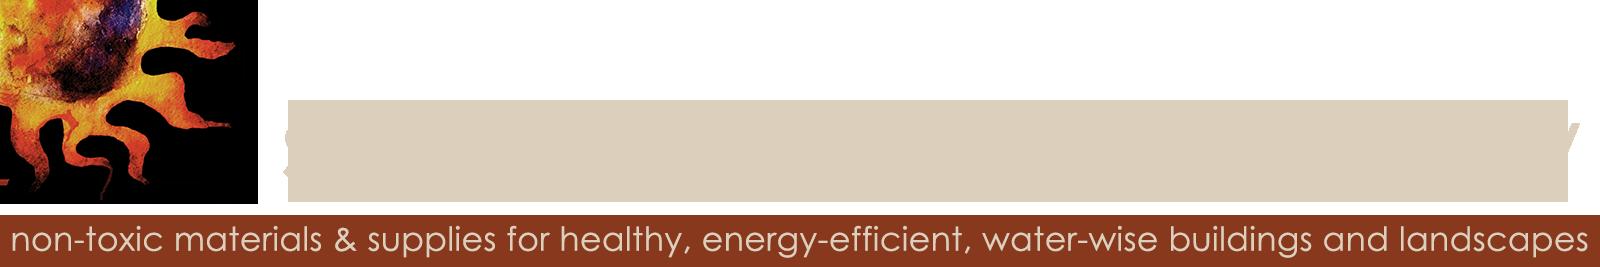 Solstice Eco Building Supply